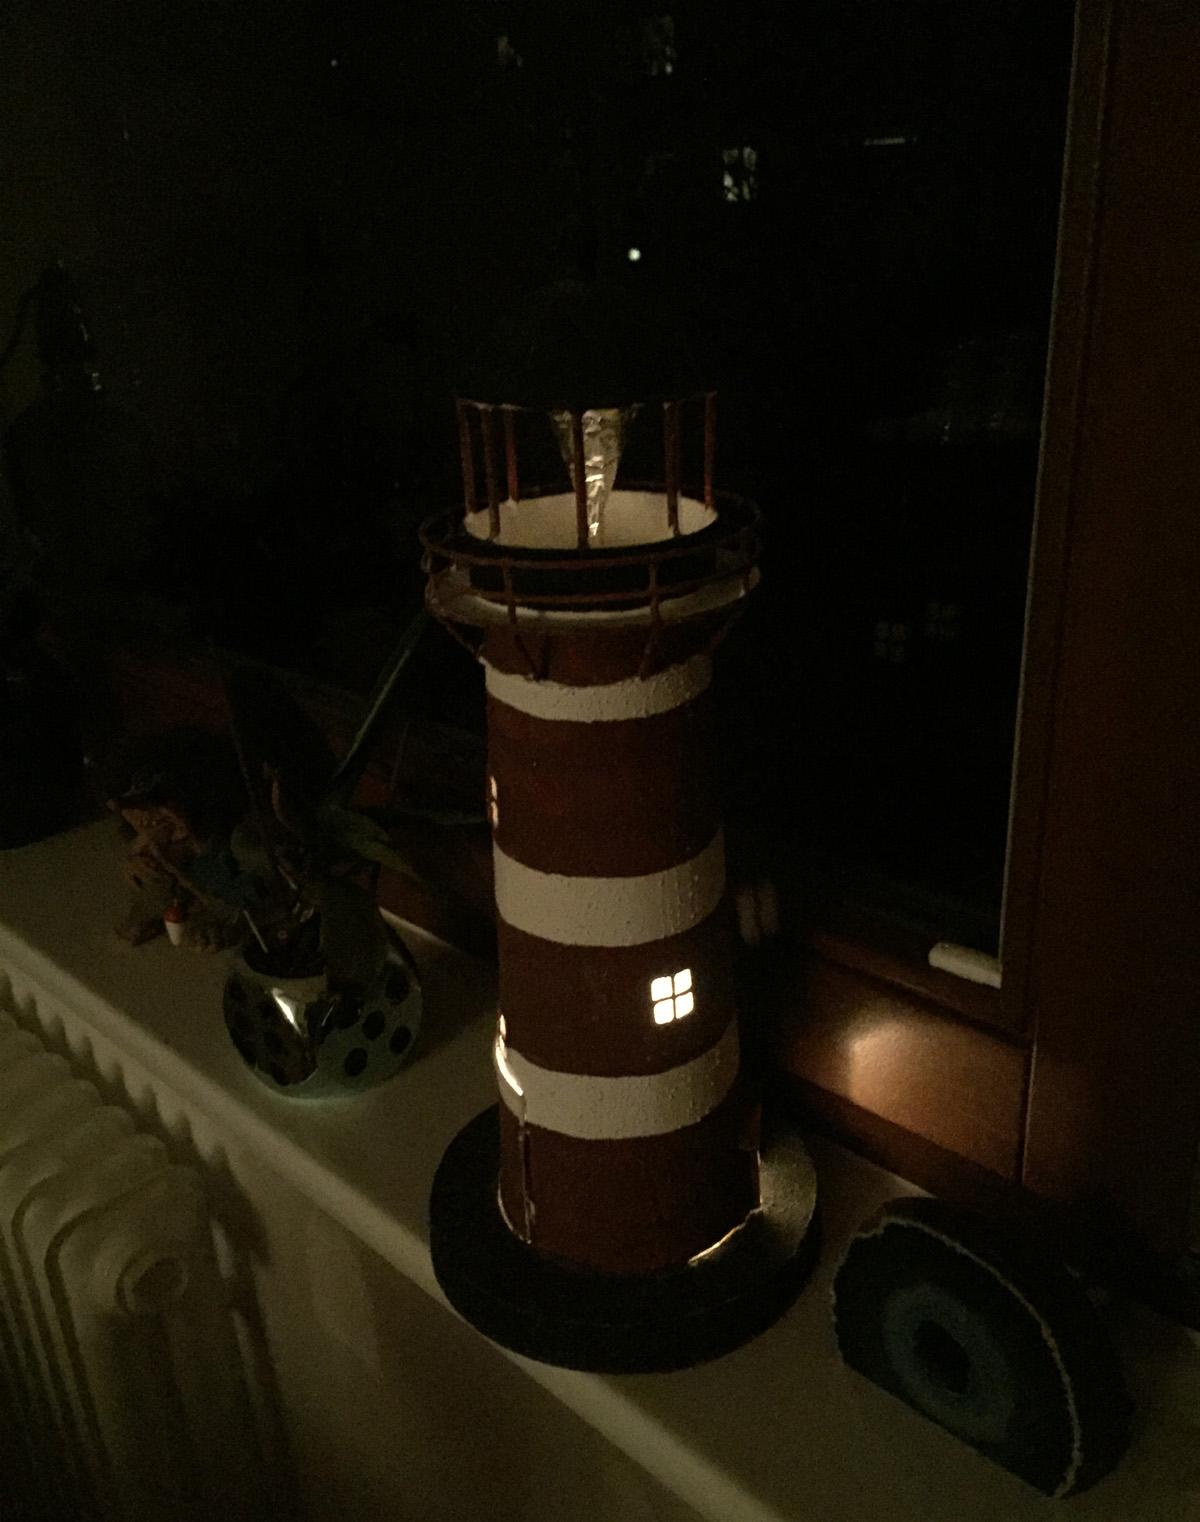 Bei Gemeindereferent Werner Schröder scheint ein Leuchtturm durch das Fenster in die Dunkelheit hinaus